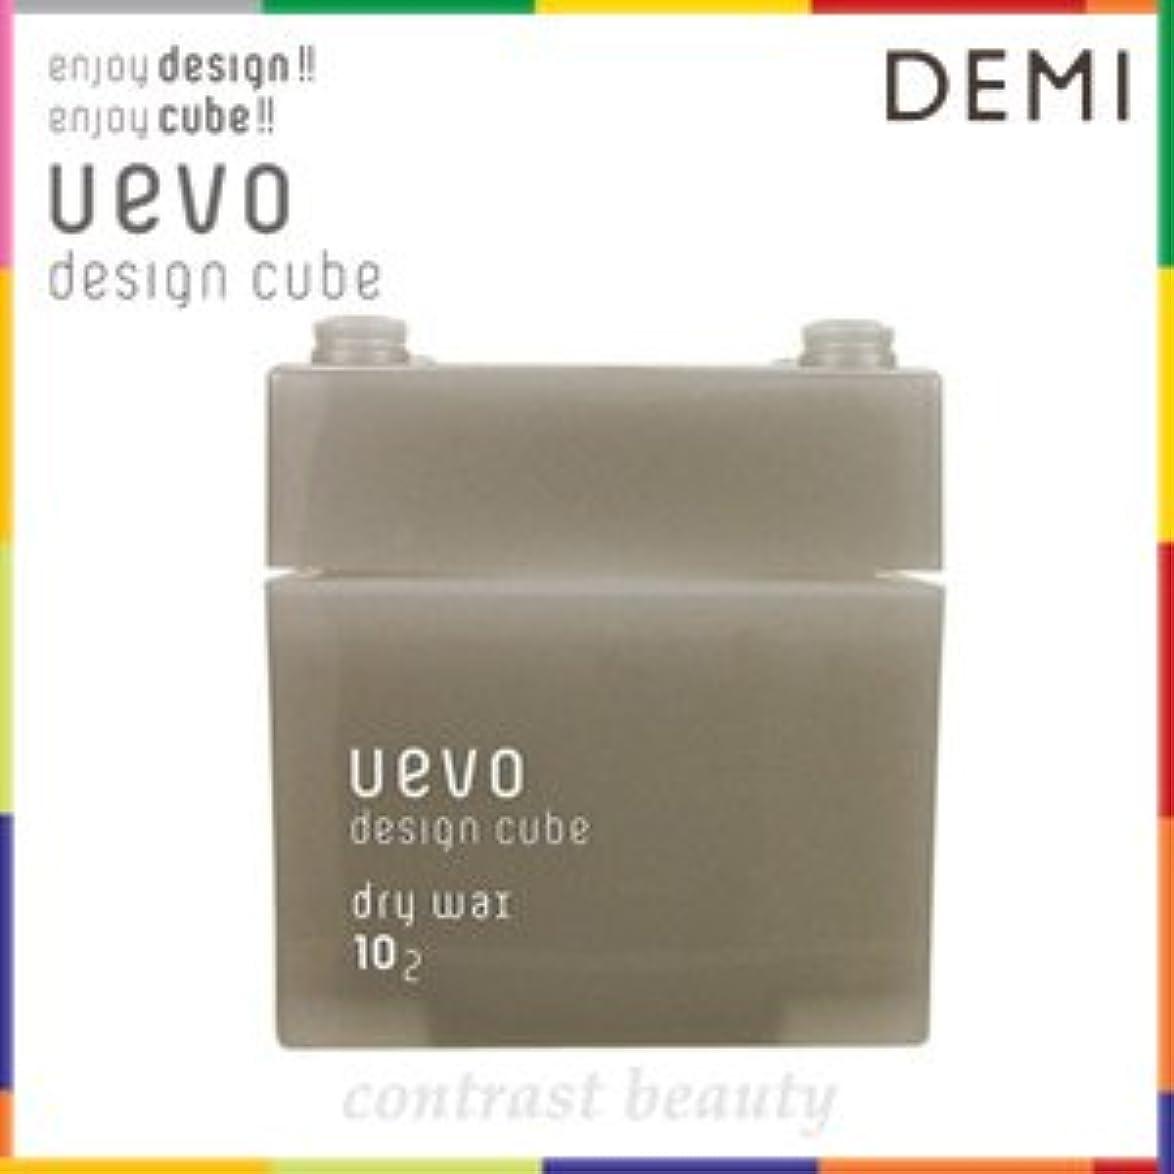 宴会磨かれた勉強する【X4個セット】 デミ ウェーボ デザインキューブ ドライワックス 80g dry wax DEMI uevo design cube